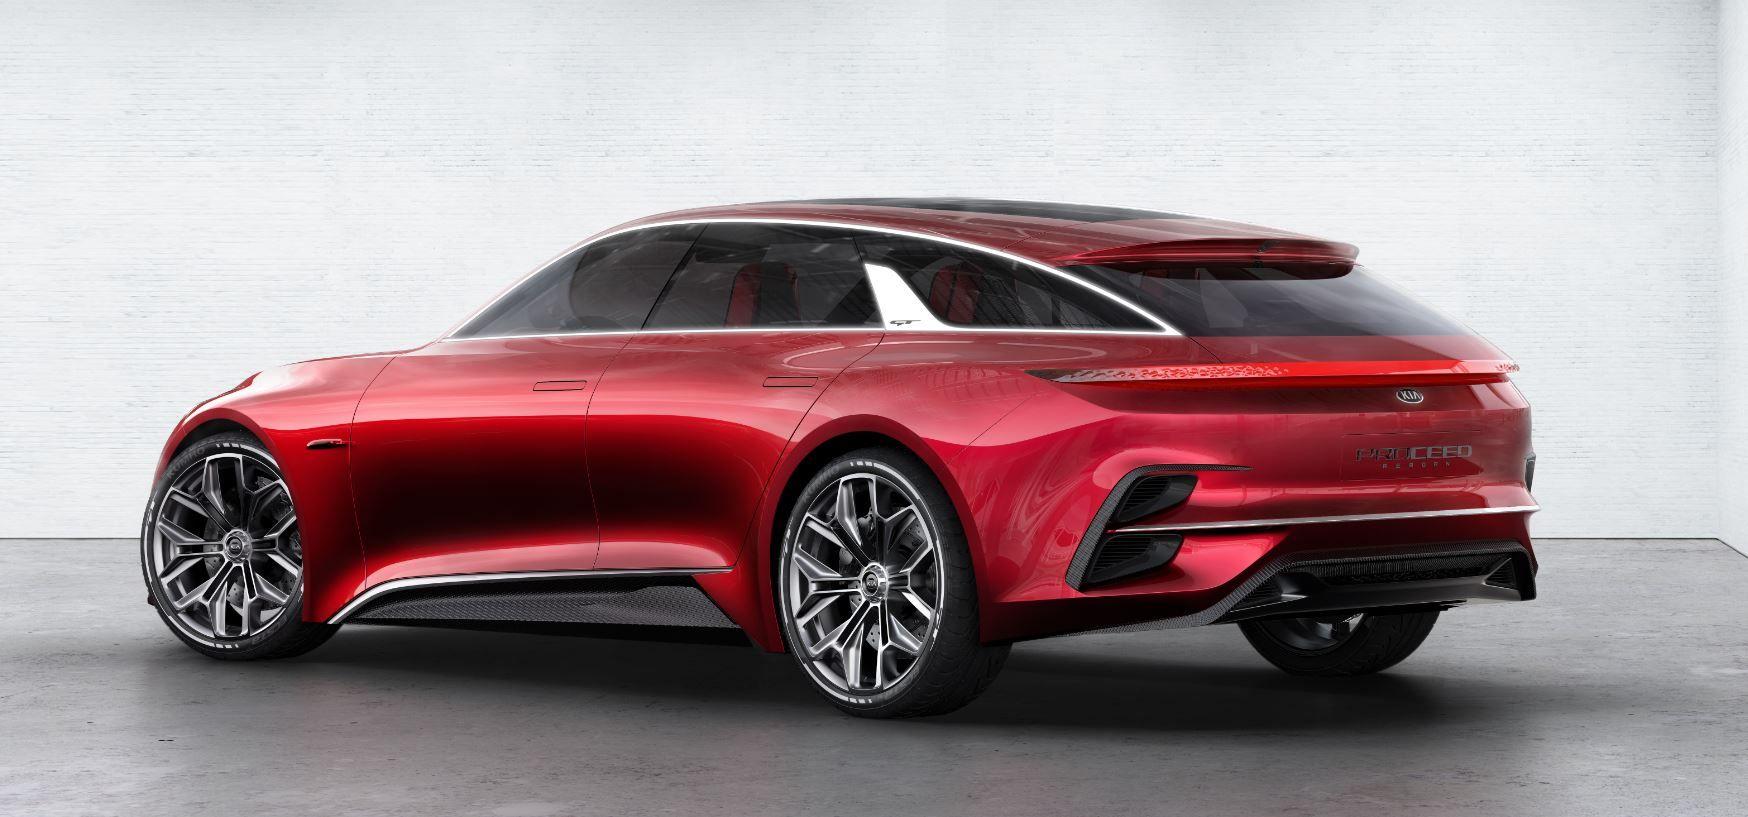 Conoce el Kia Proceed Concept que ha acaparado todas las miradas en el Salón de Frankfurt 2017